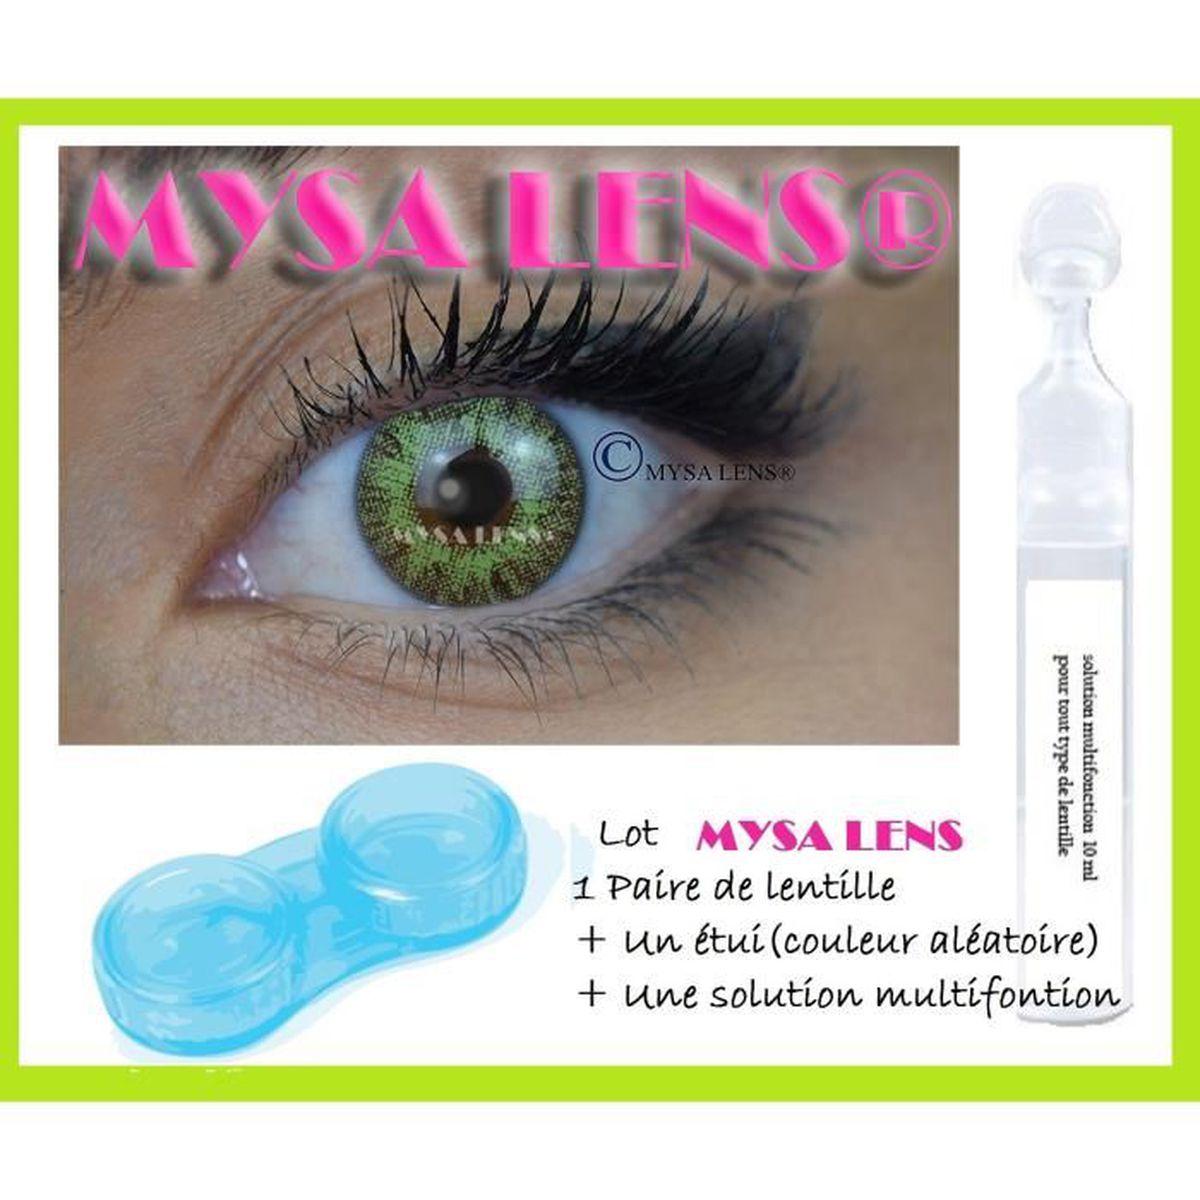 LENTILLES DE CONTACT MYSA LENS LOT Lentille de contact de couleur vert 31a59ed1e439